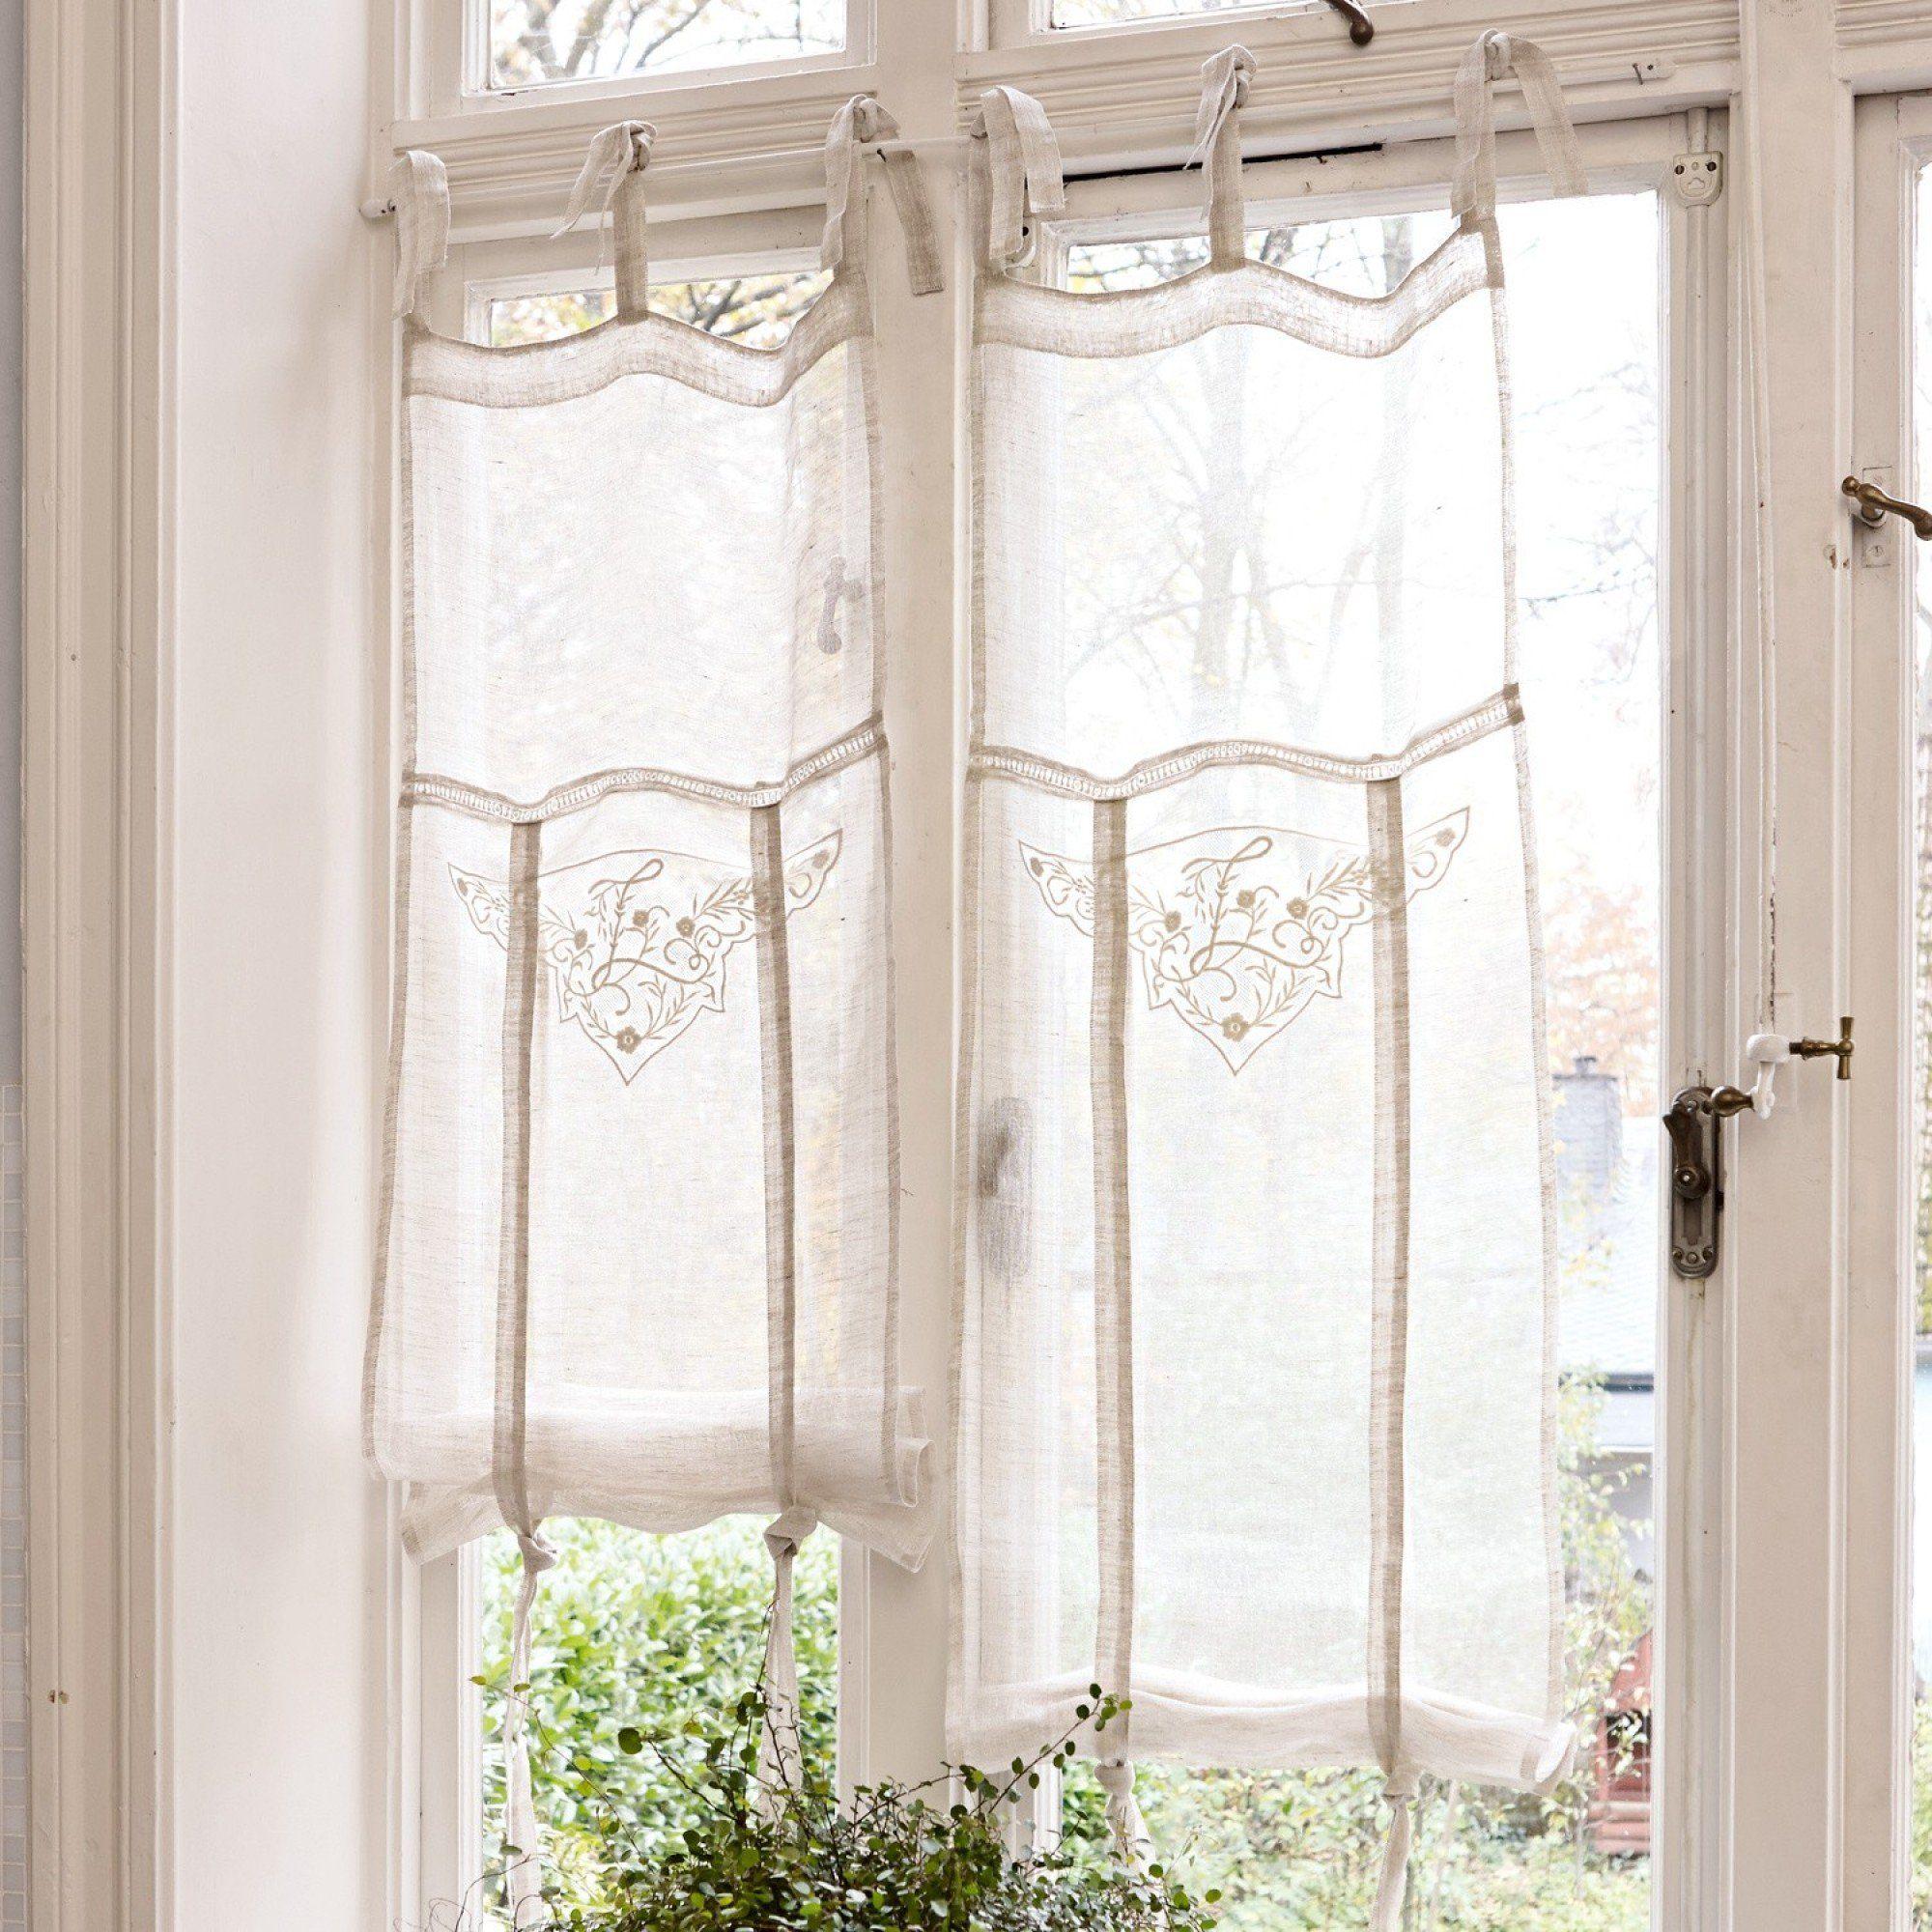 loberon romantische gardine espaon im landhausstil, creme, Schlafzimmer entwurf